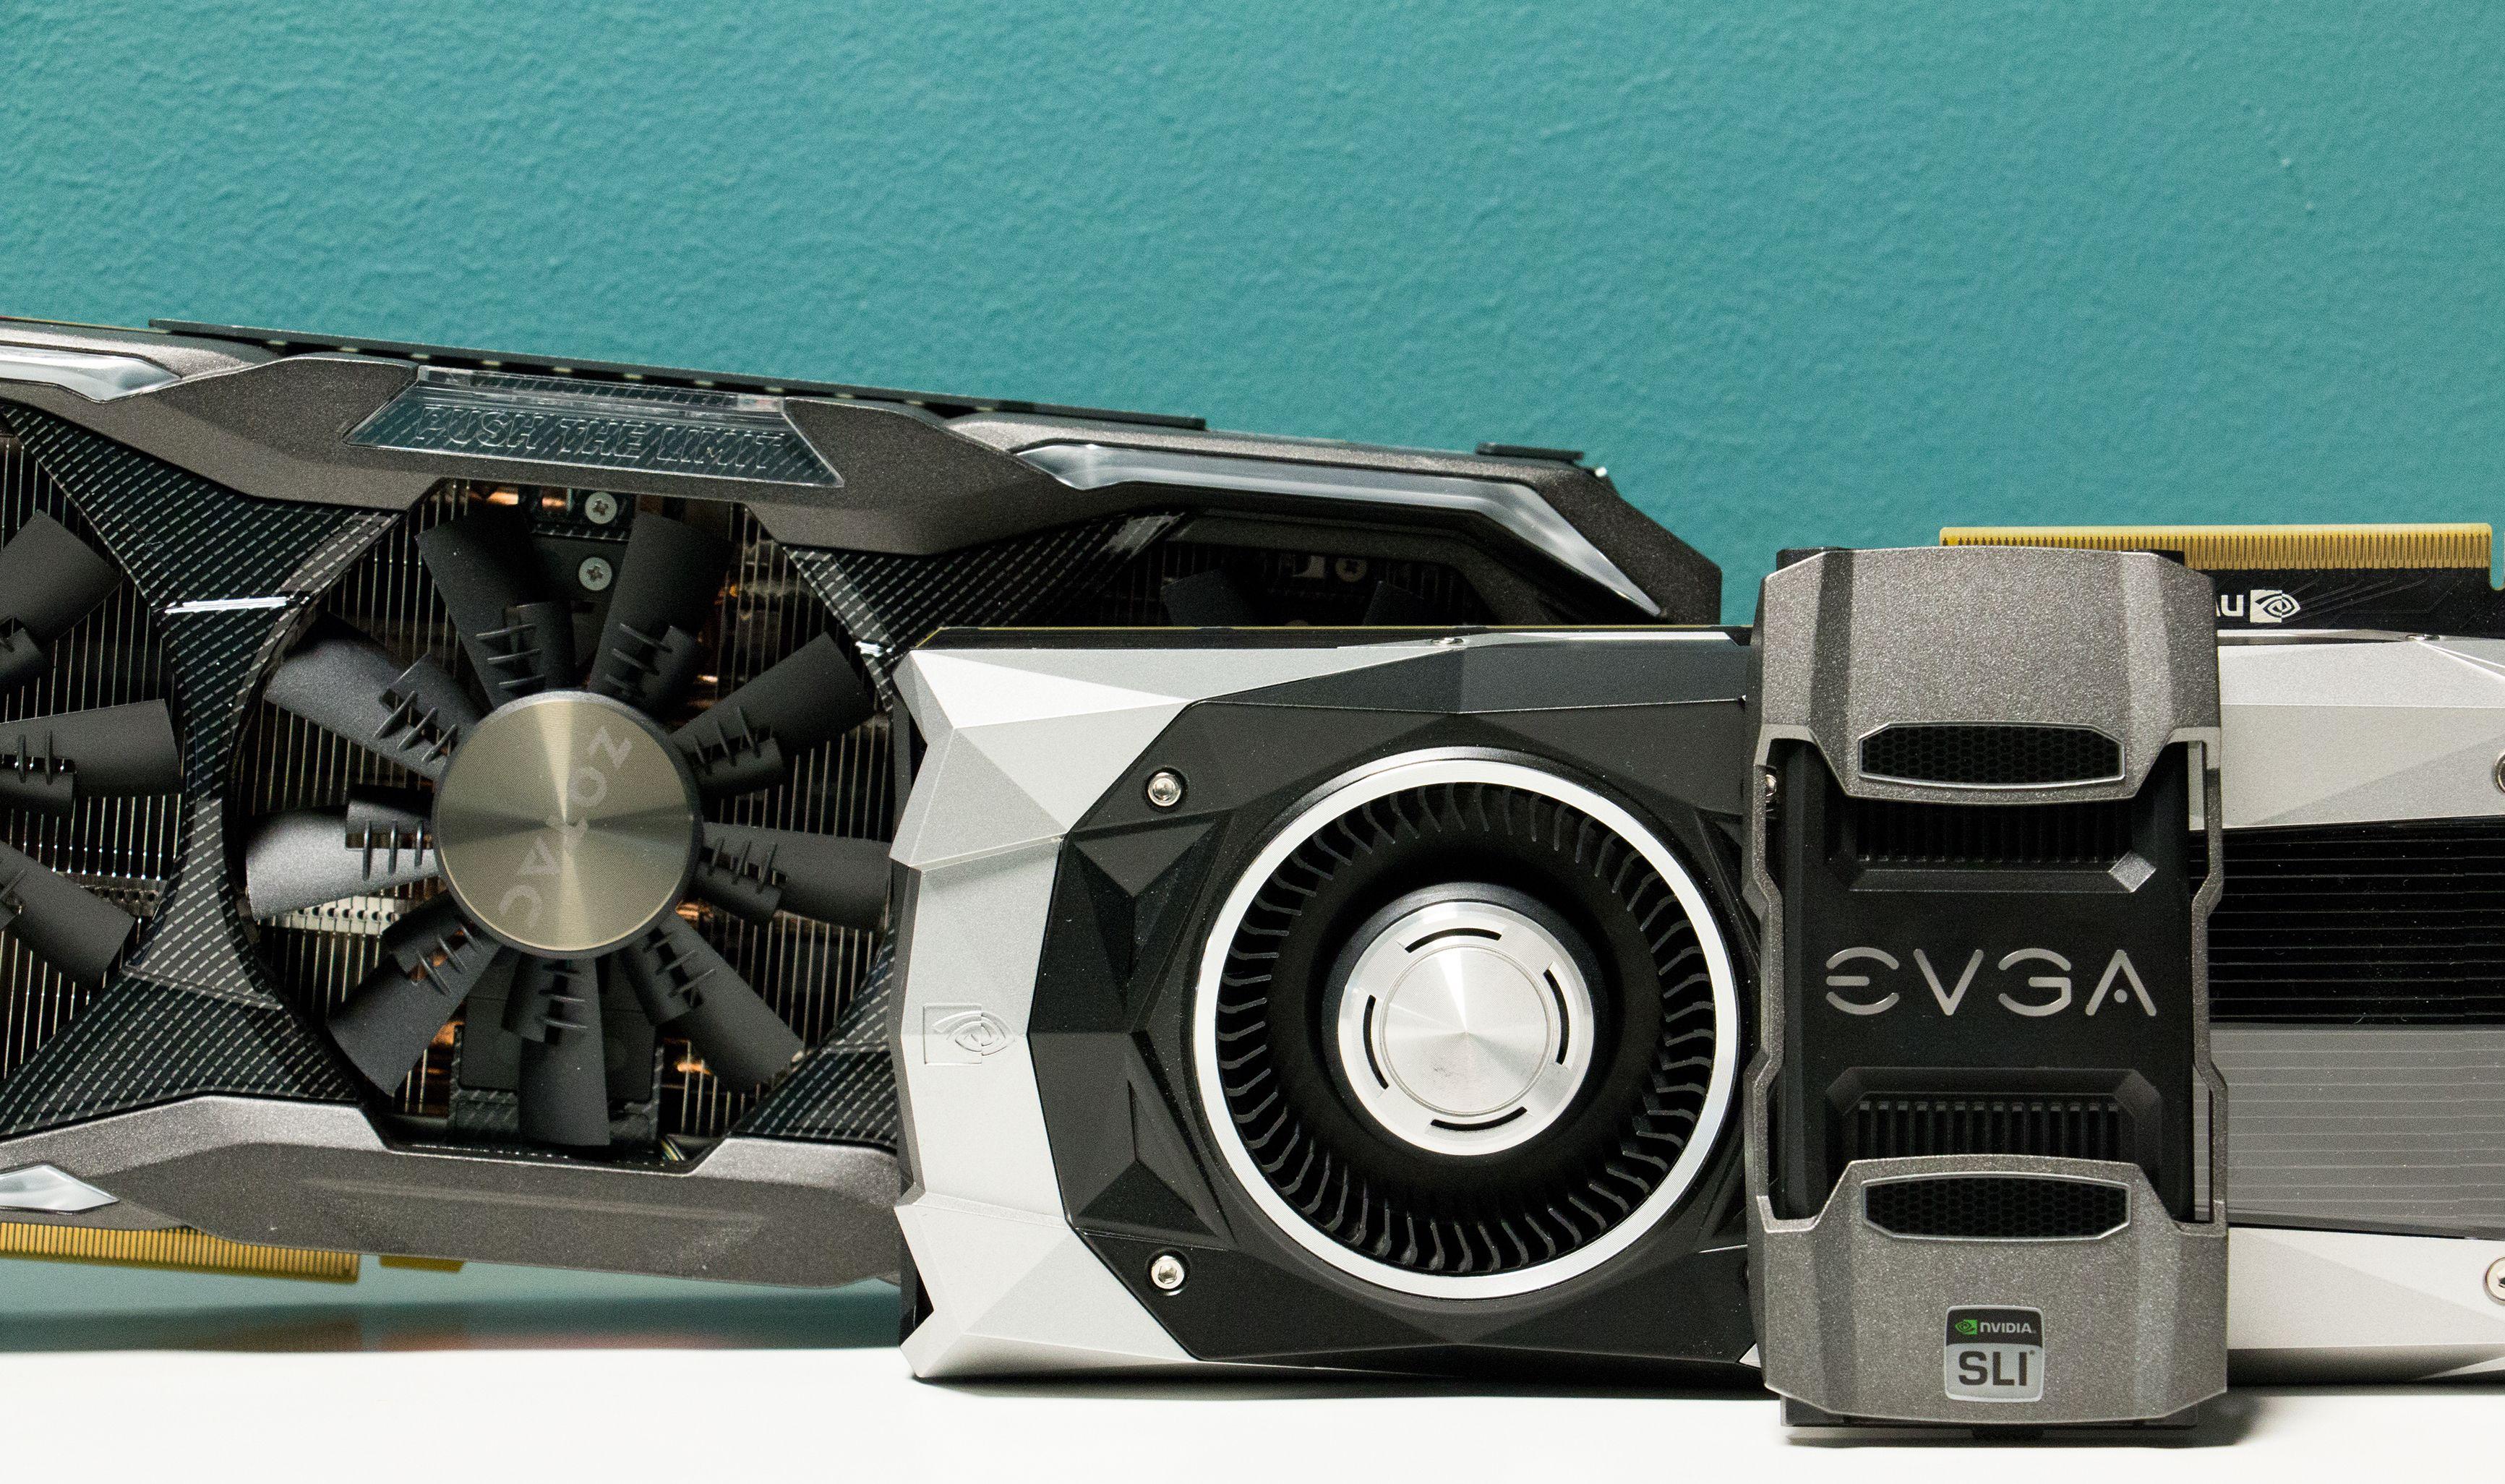 Vi testet GTX 1070 FE fra Nvidia sammen med GTX 1070 AMP! Extreme fra Zotac. Egen test av sistnevnte kort kommer.